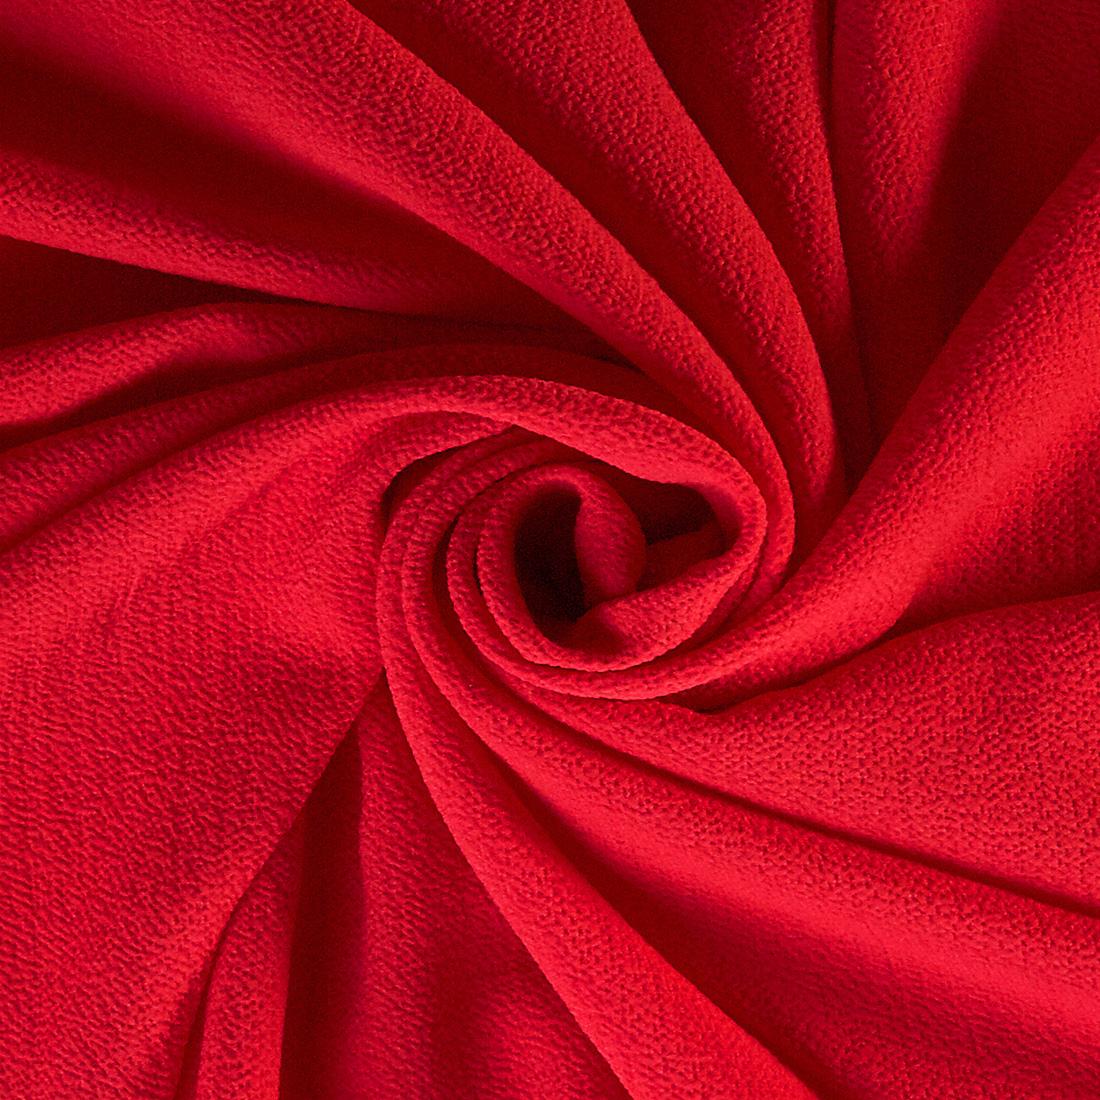 Pebble Crepe Scarlet